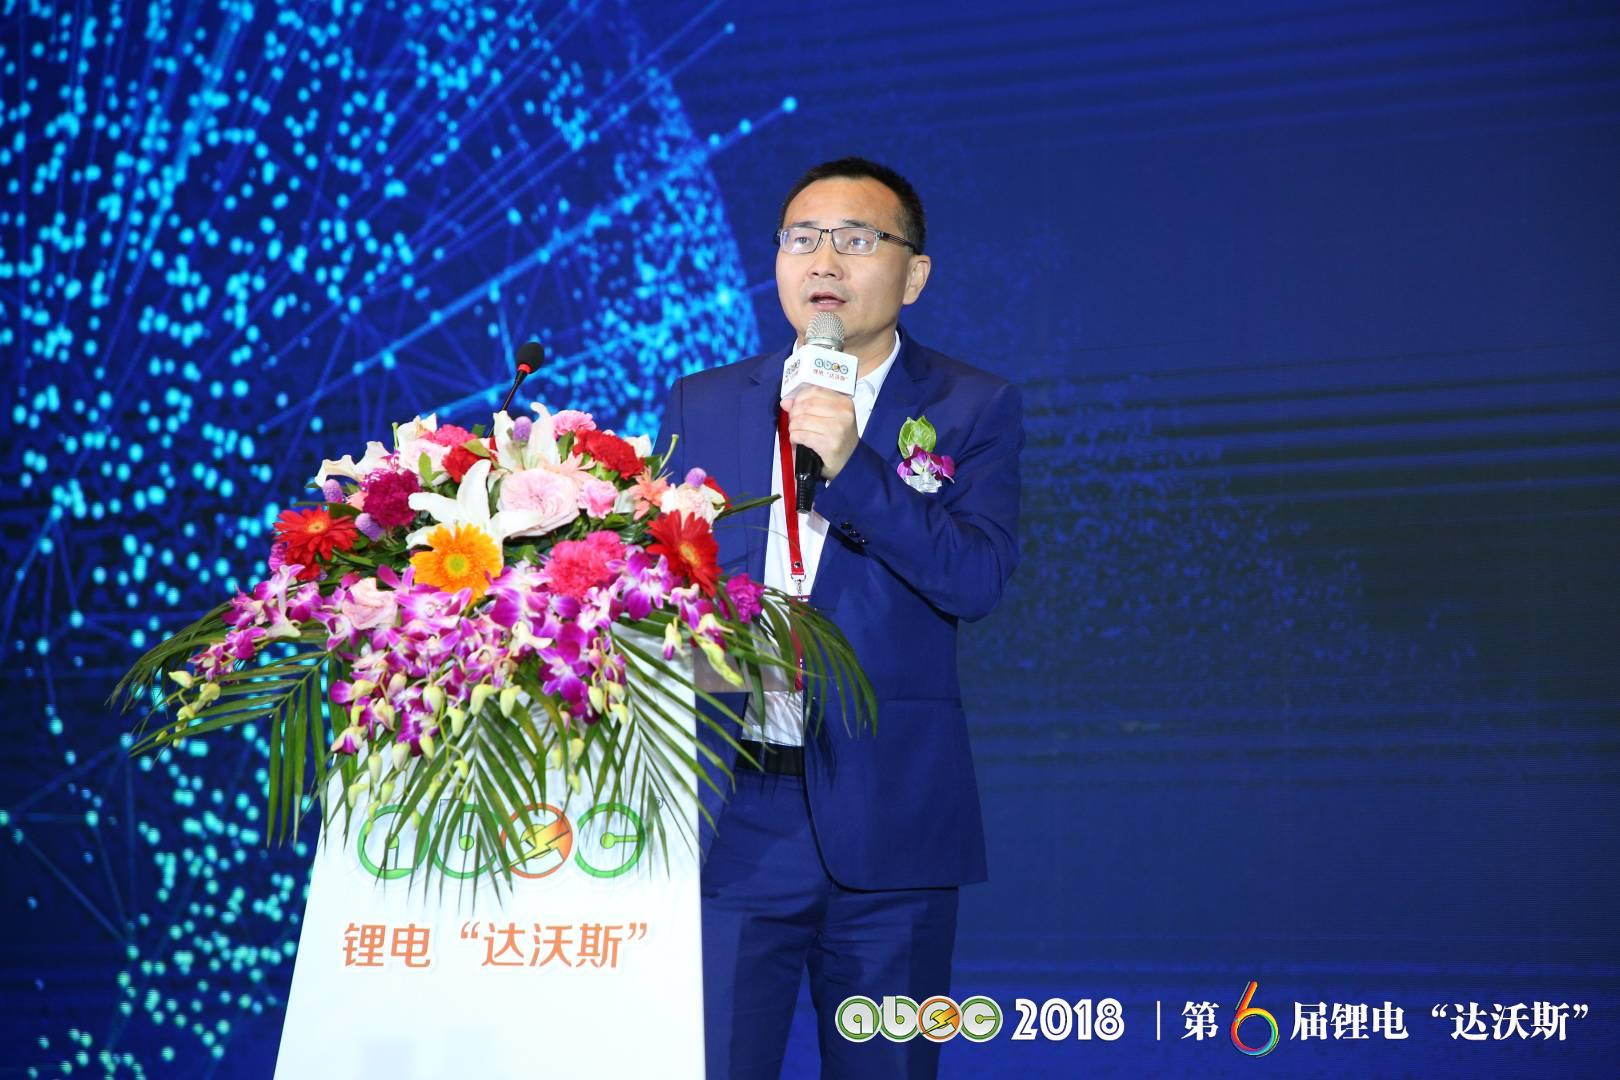 新特电动汽车工业有限公司智能互联中心总经理肖华东